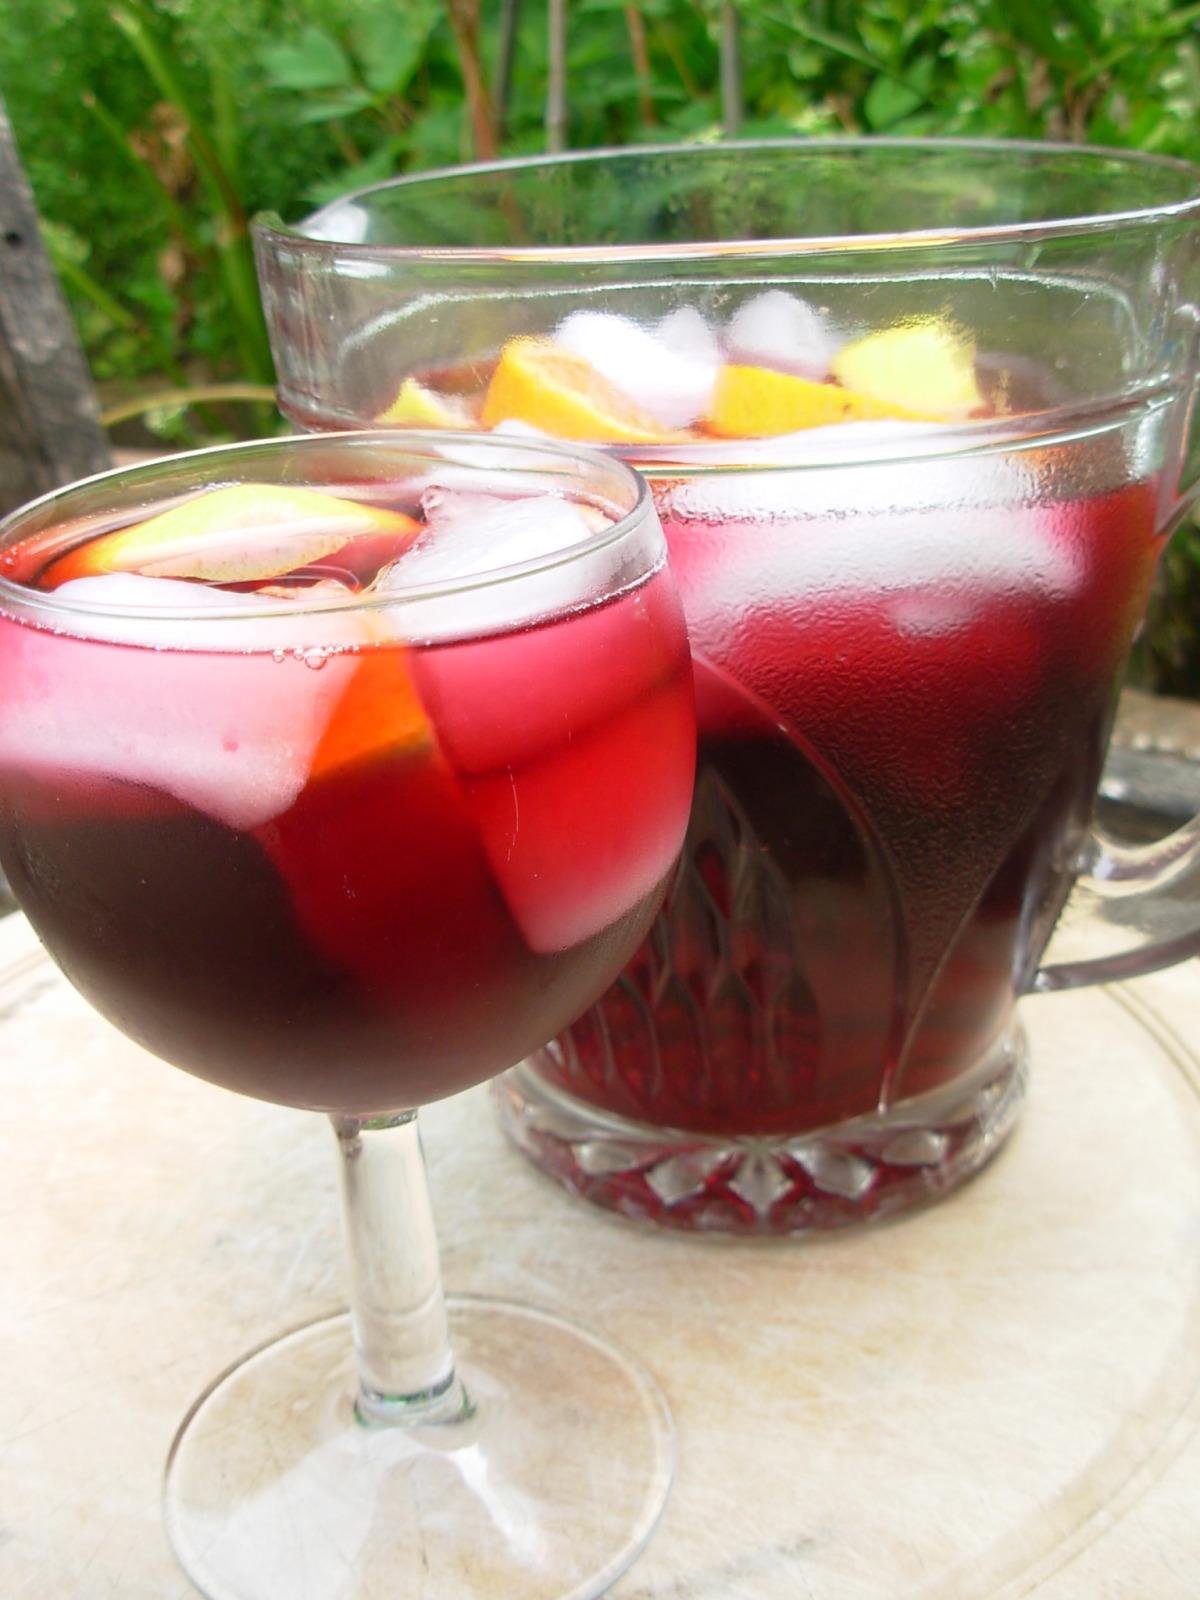 Sangria Con Tequila Recipe Mexican Food Com